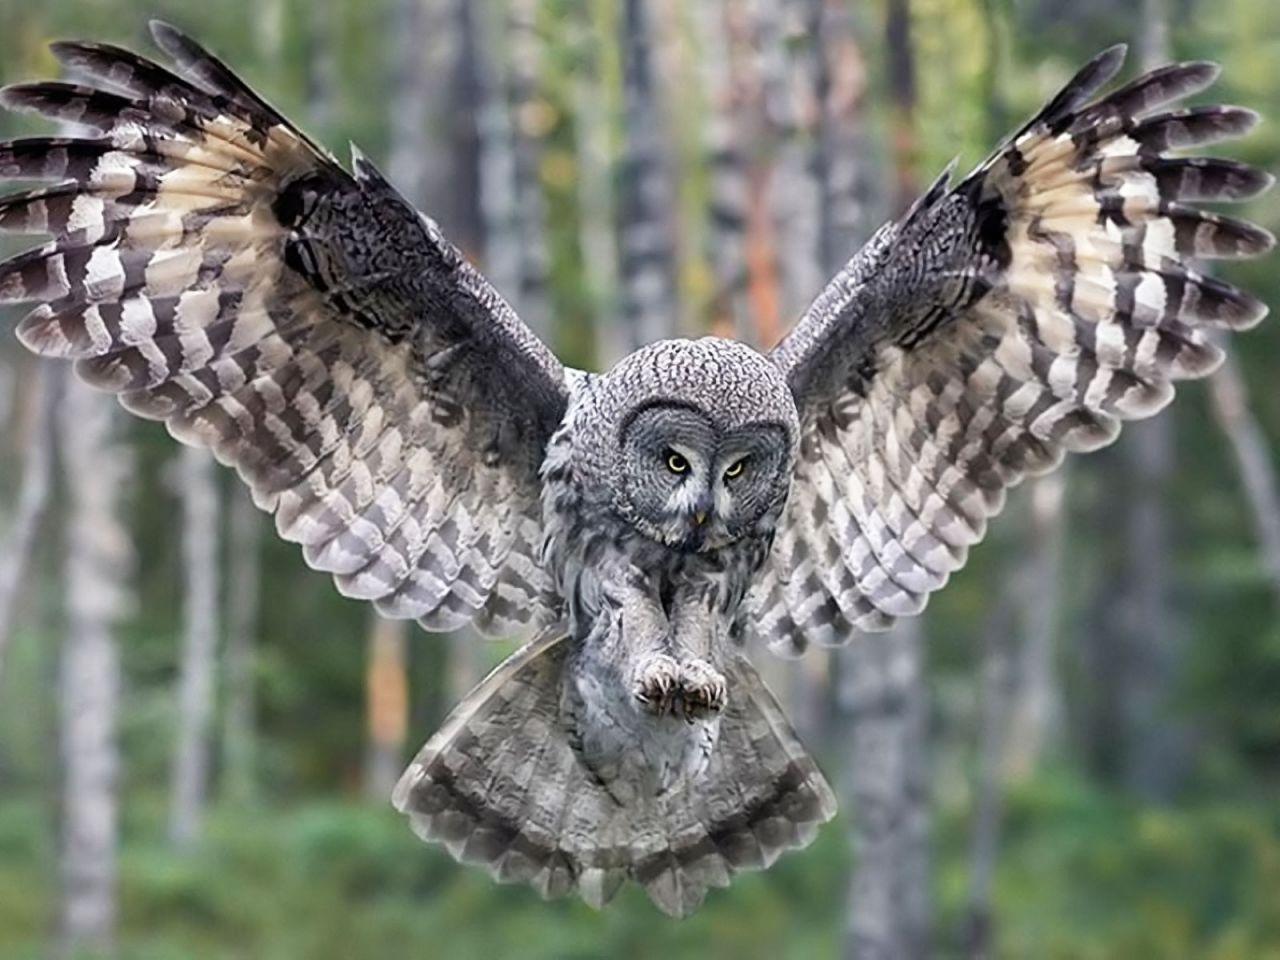 Owl In Flight Forest Wallpaper 1280x960